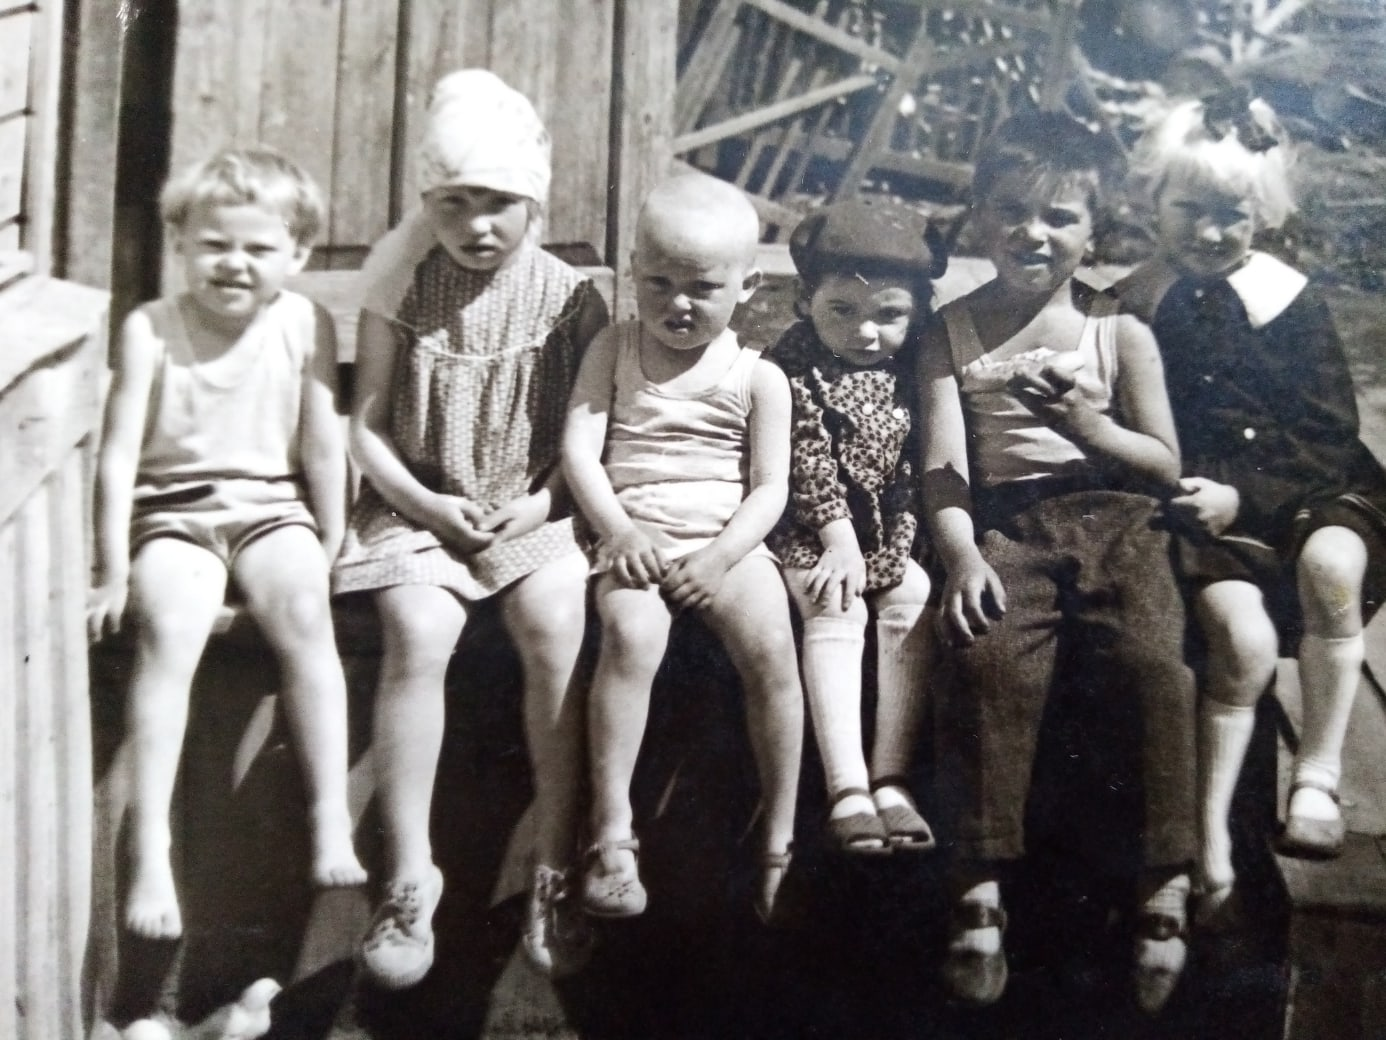 Фото 1960-ых годов, п.Коноша, дети на крыльце